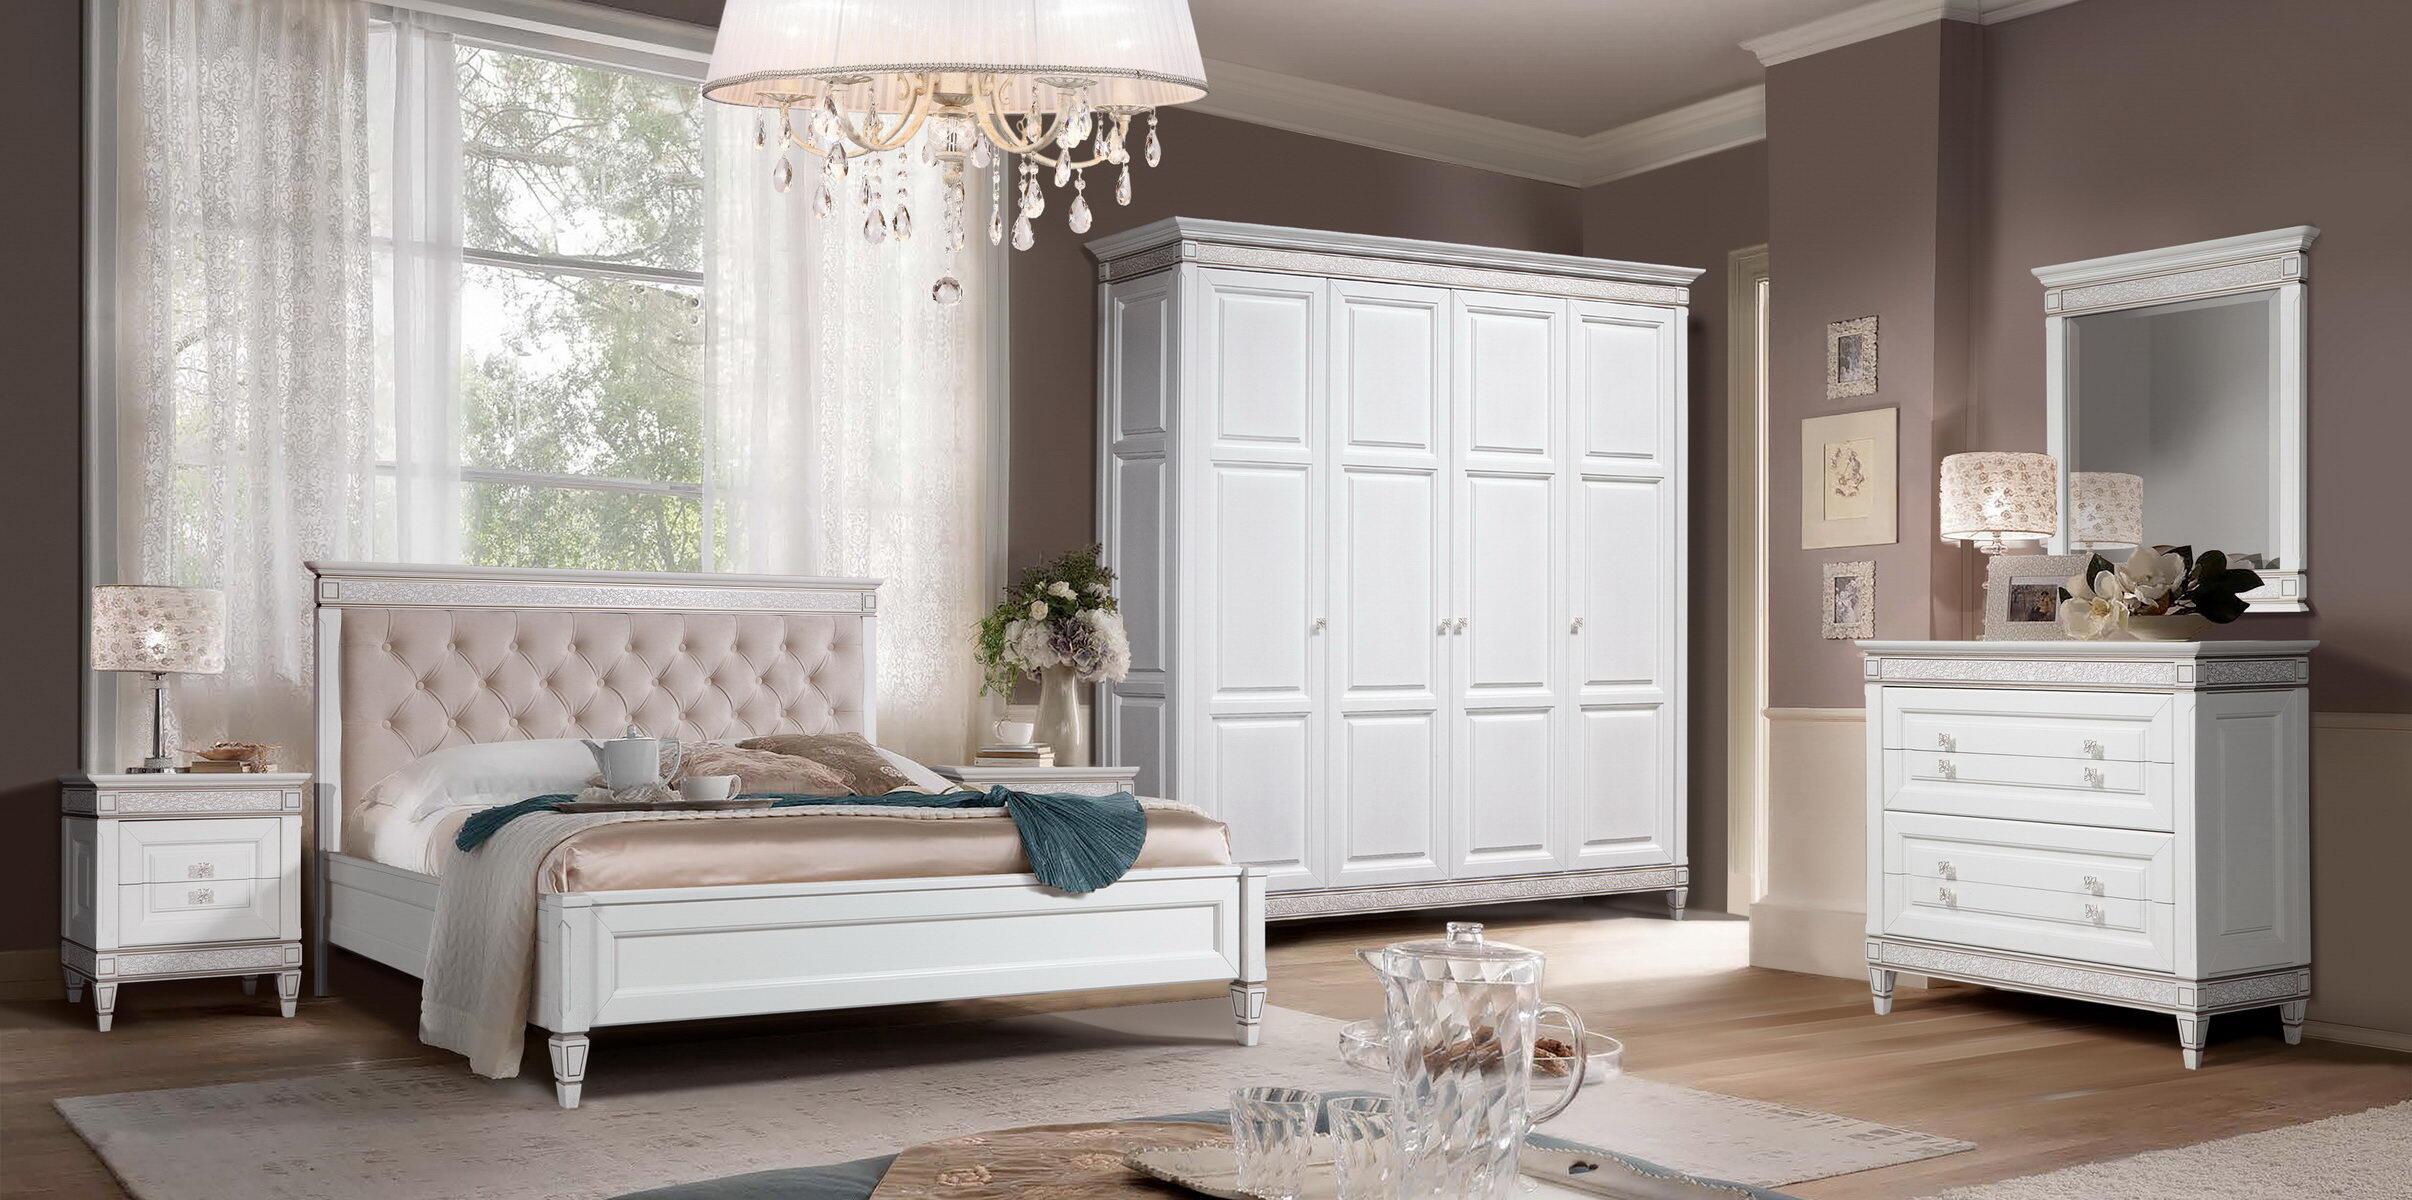 Набор мебели для спальни «Бристоль-1»  ГМ 6480-01